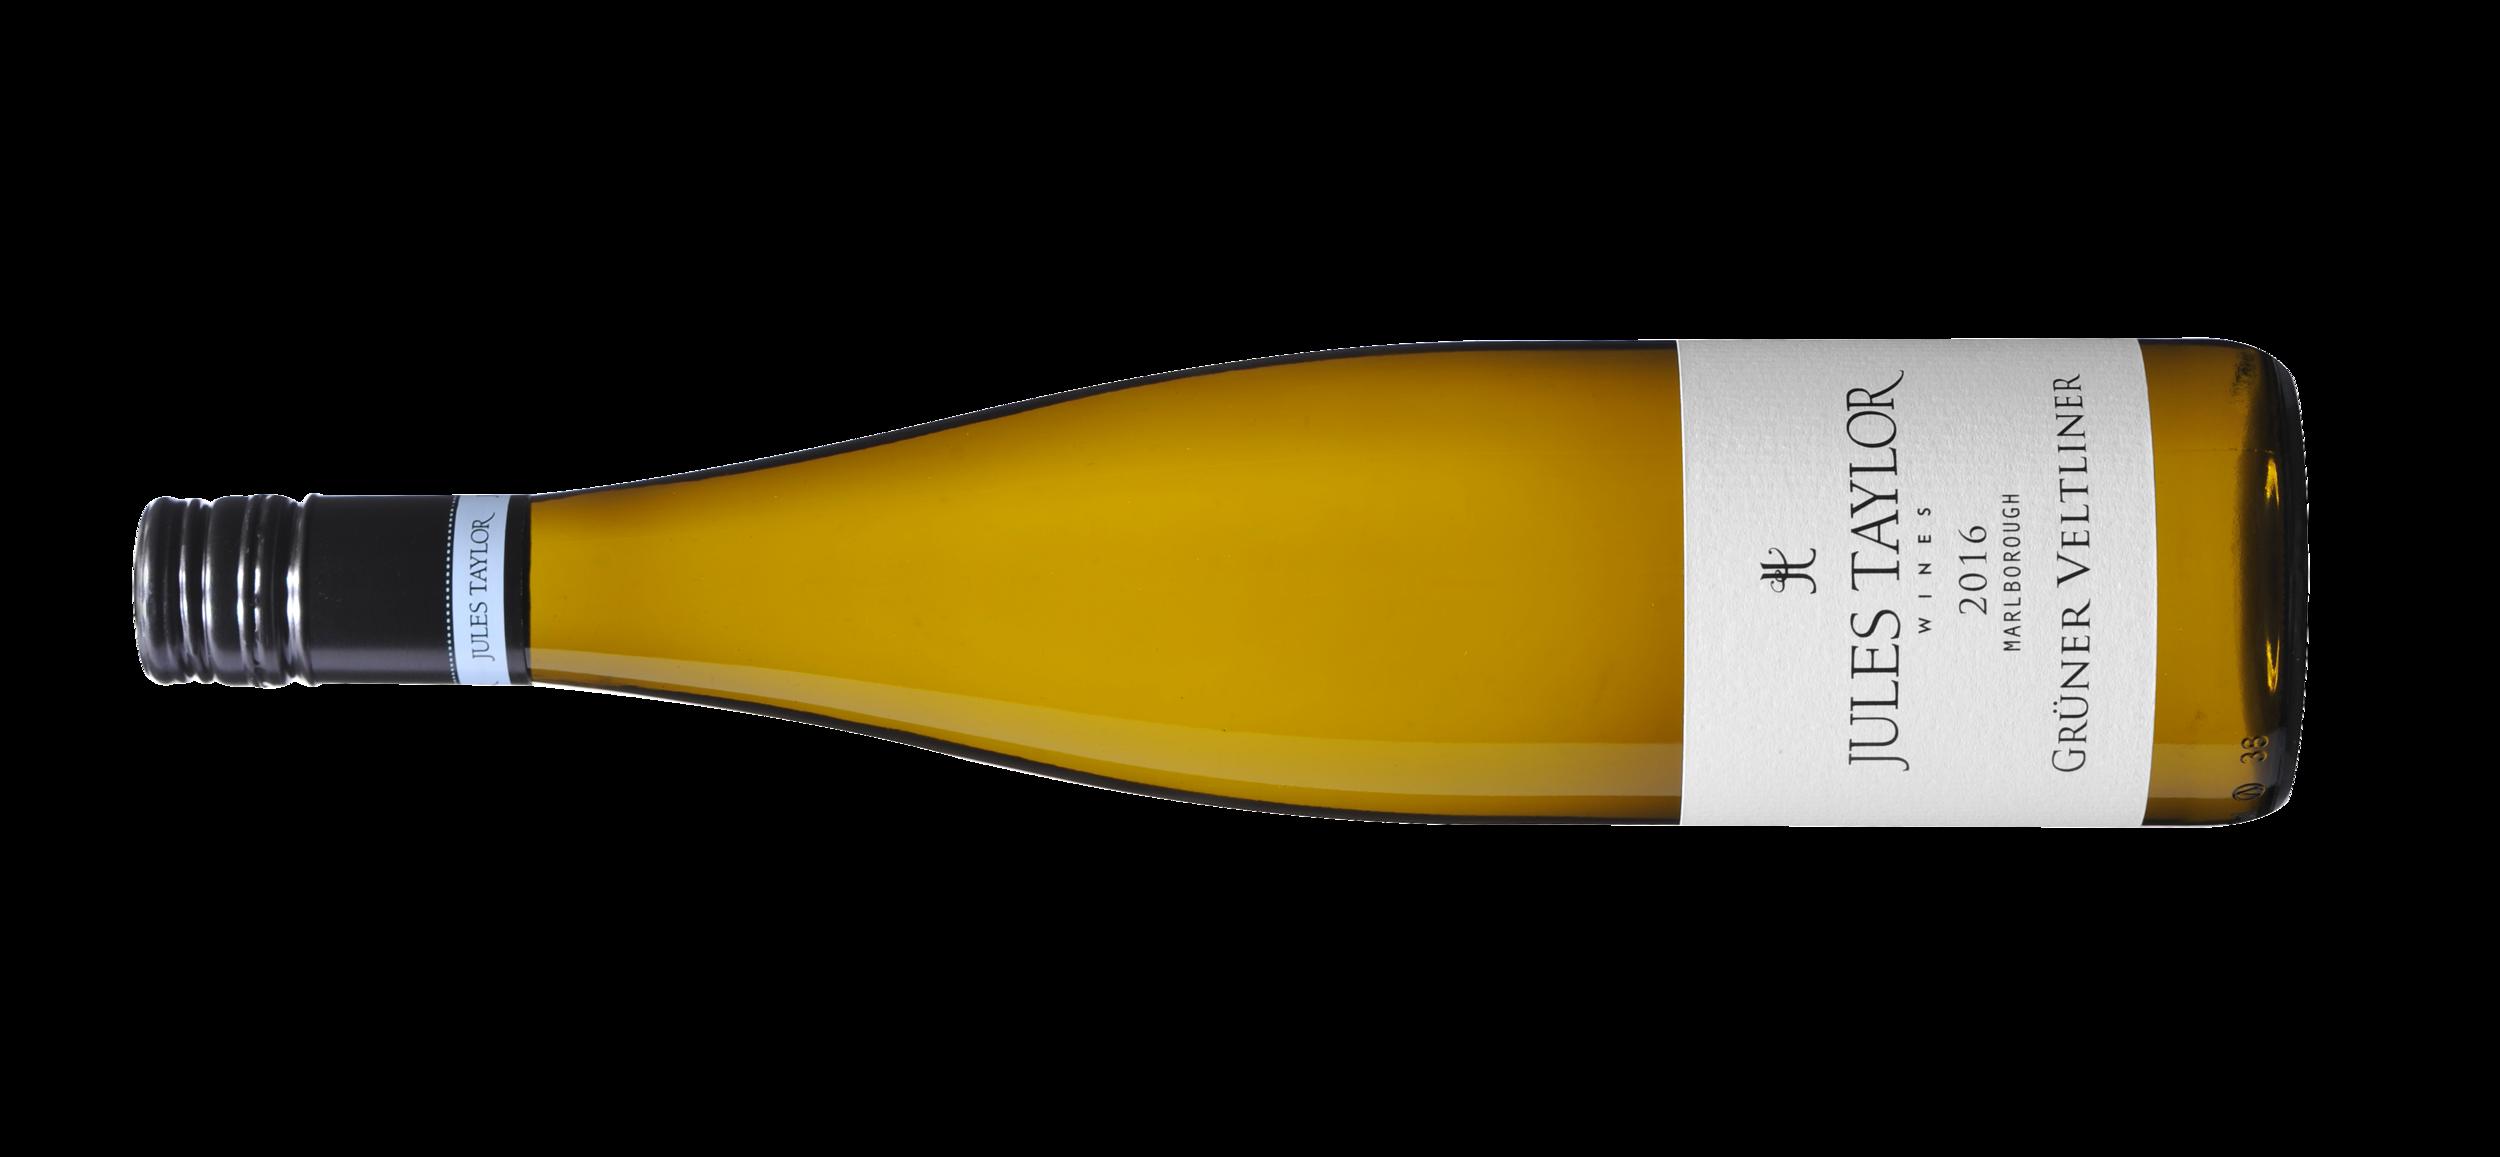 ジュルズテイラーグリューナー・フェルトリーナー   JULES TAYLOR WINES Gruner Veltliner| ジュルズ ティラー グリューナー フェルトリーナー  マールボロ, アンダーソン ヴィンヤード  ¥ 2,980 2016, 750ml, 13.0%  インテリジェントで魅力的に表現されたスタイルの白ワイン。たっぷりとした黄色の果物と、構造的で持続性のある鮮やかで香り高いエッジ。 フィニッシュまできれいに刻まれていきます。   James Suckling 92 points  Dried-flower, chamomile and beeswax aromas with light, dried herbs on offer, too. The palate has a bright, light and crunchy feel. Some handy stone-fruit flavors build into the finish. Certainly one of the better New Zealand examples of grüner veltliner.  Wine Specter 89 points  , Gold Medal Winner, Hand Picked, selected yeast strains. An intelligent, attractive take on this emerging white-wine style, it delivers plenty of rich yellow fruits and a bright, fragrant edge with good build and persistence. Nicely chiseled through the finish     詳しく